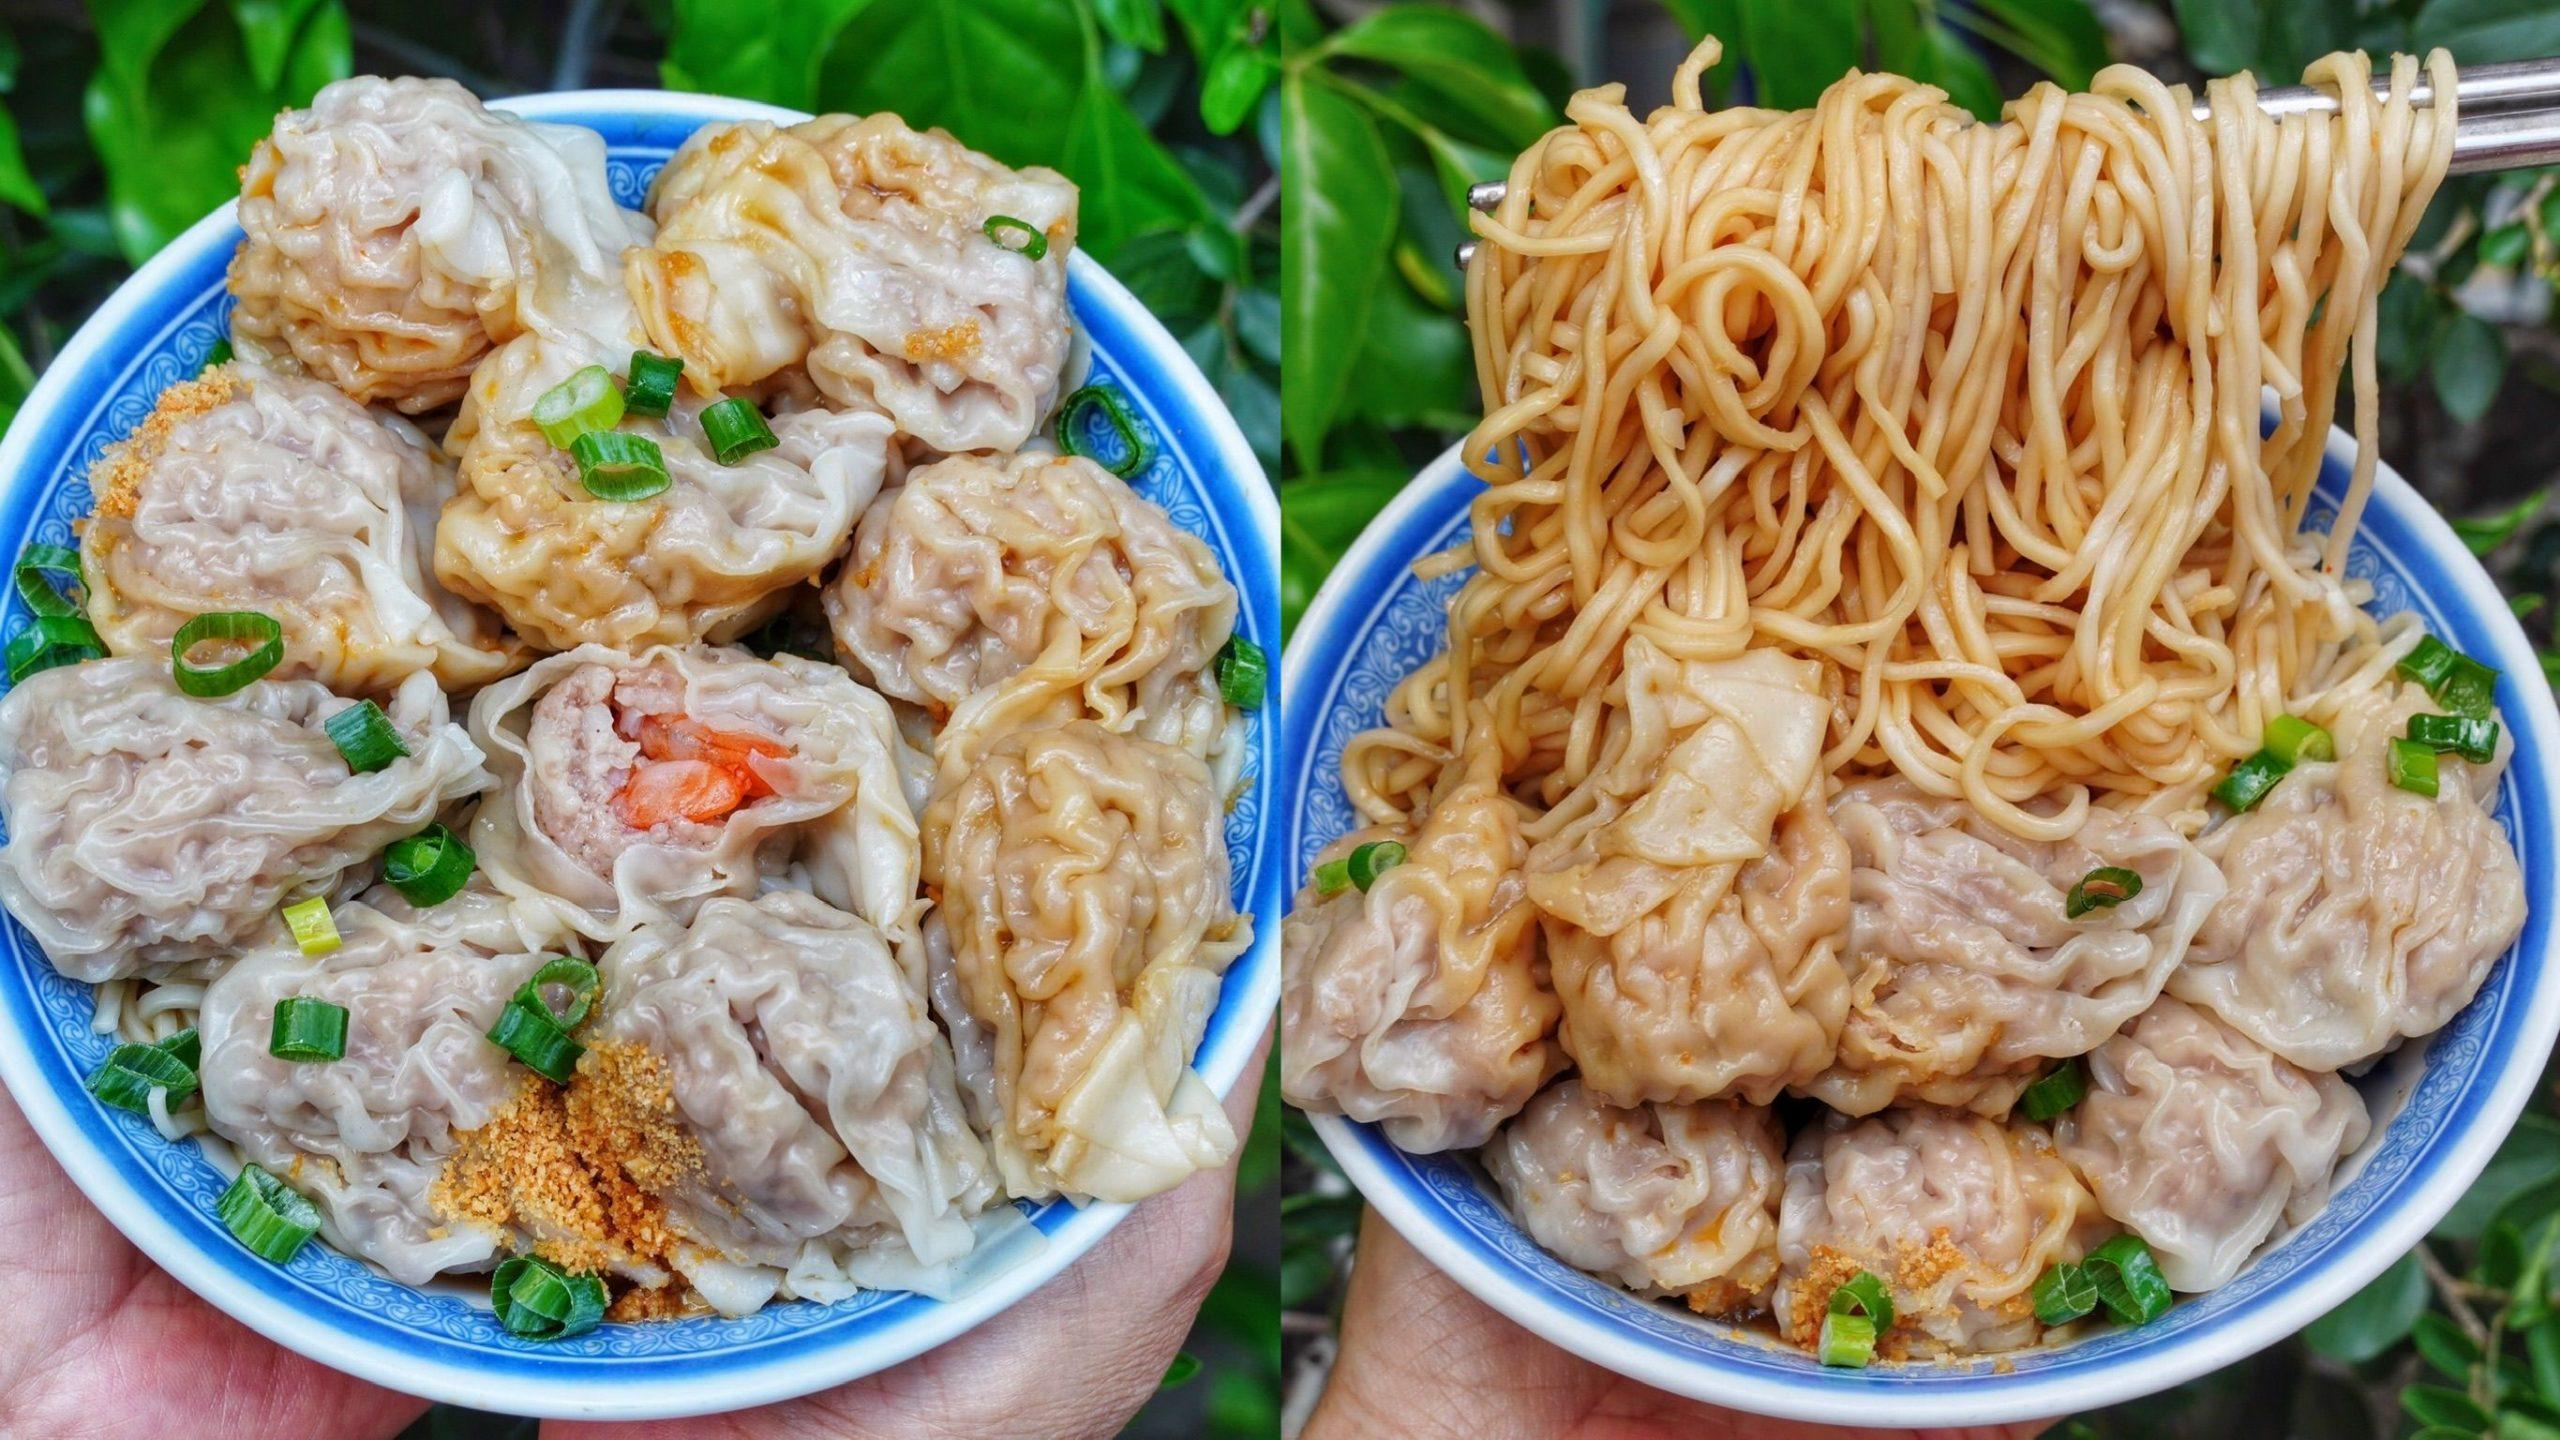 【台南美食】台南最大顆餛飩就是這家!足足有50元硬幣大 整碗滿滿雲吞好欠吃 – 滿點大雲吞